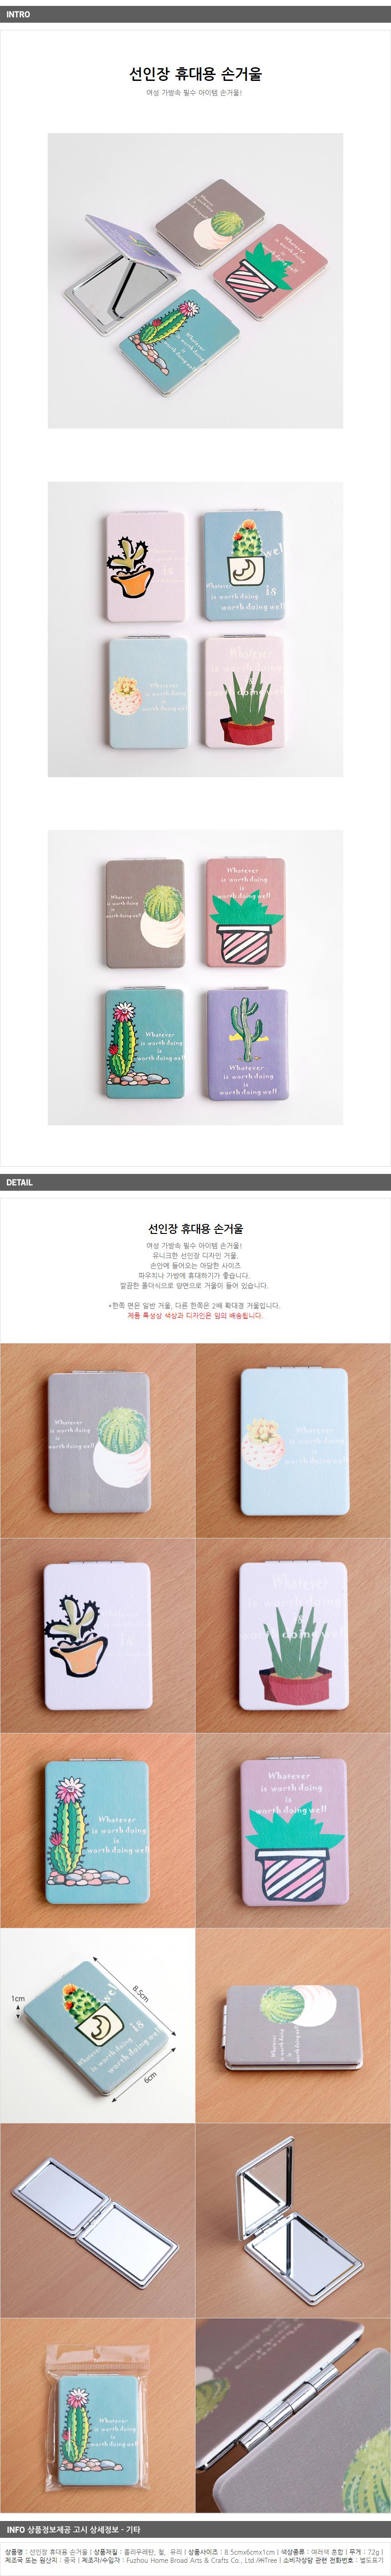 일러스트 손거울 패션소품 휴대용 손거울 - 기프트갓, 3,080원, 도구, 거울